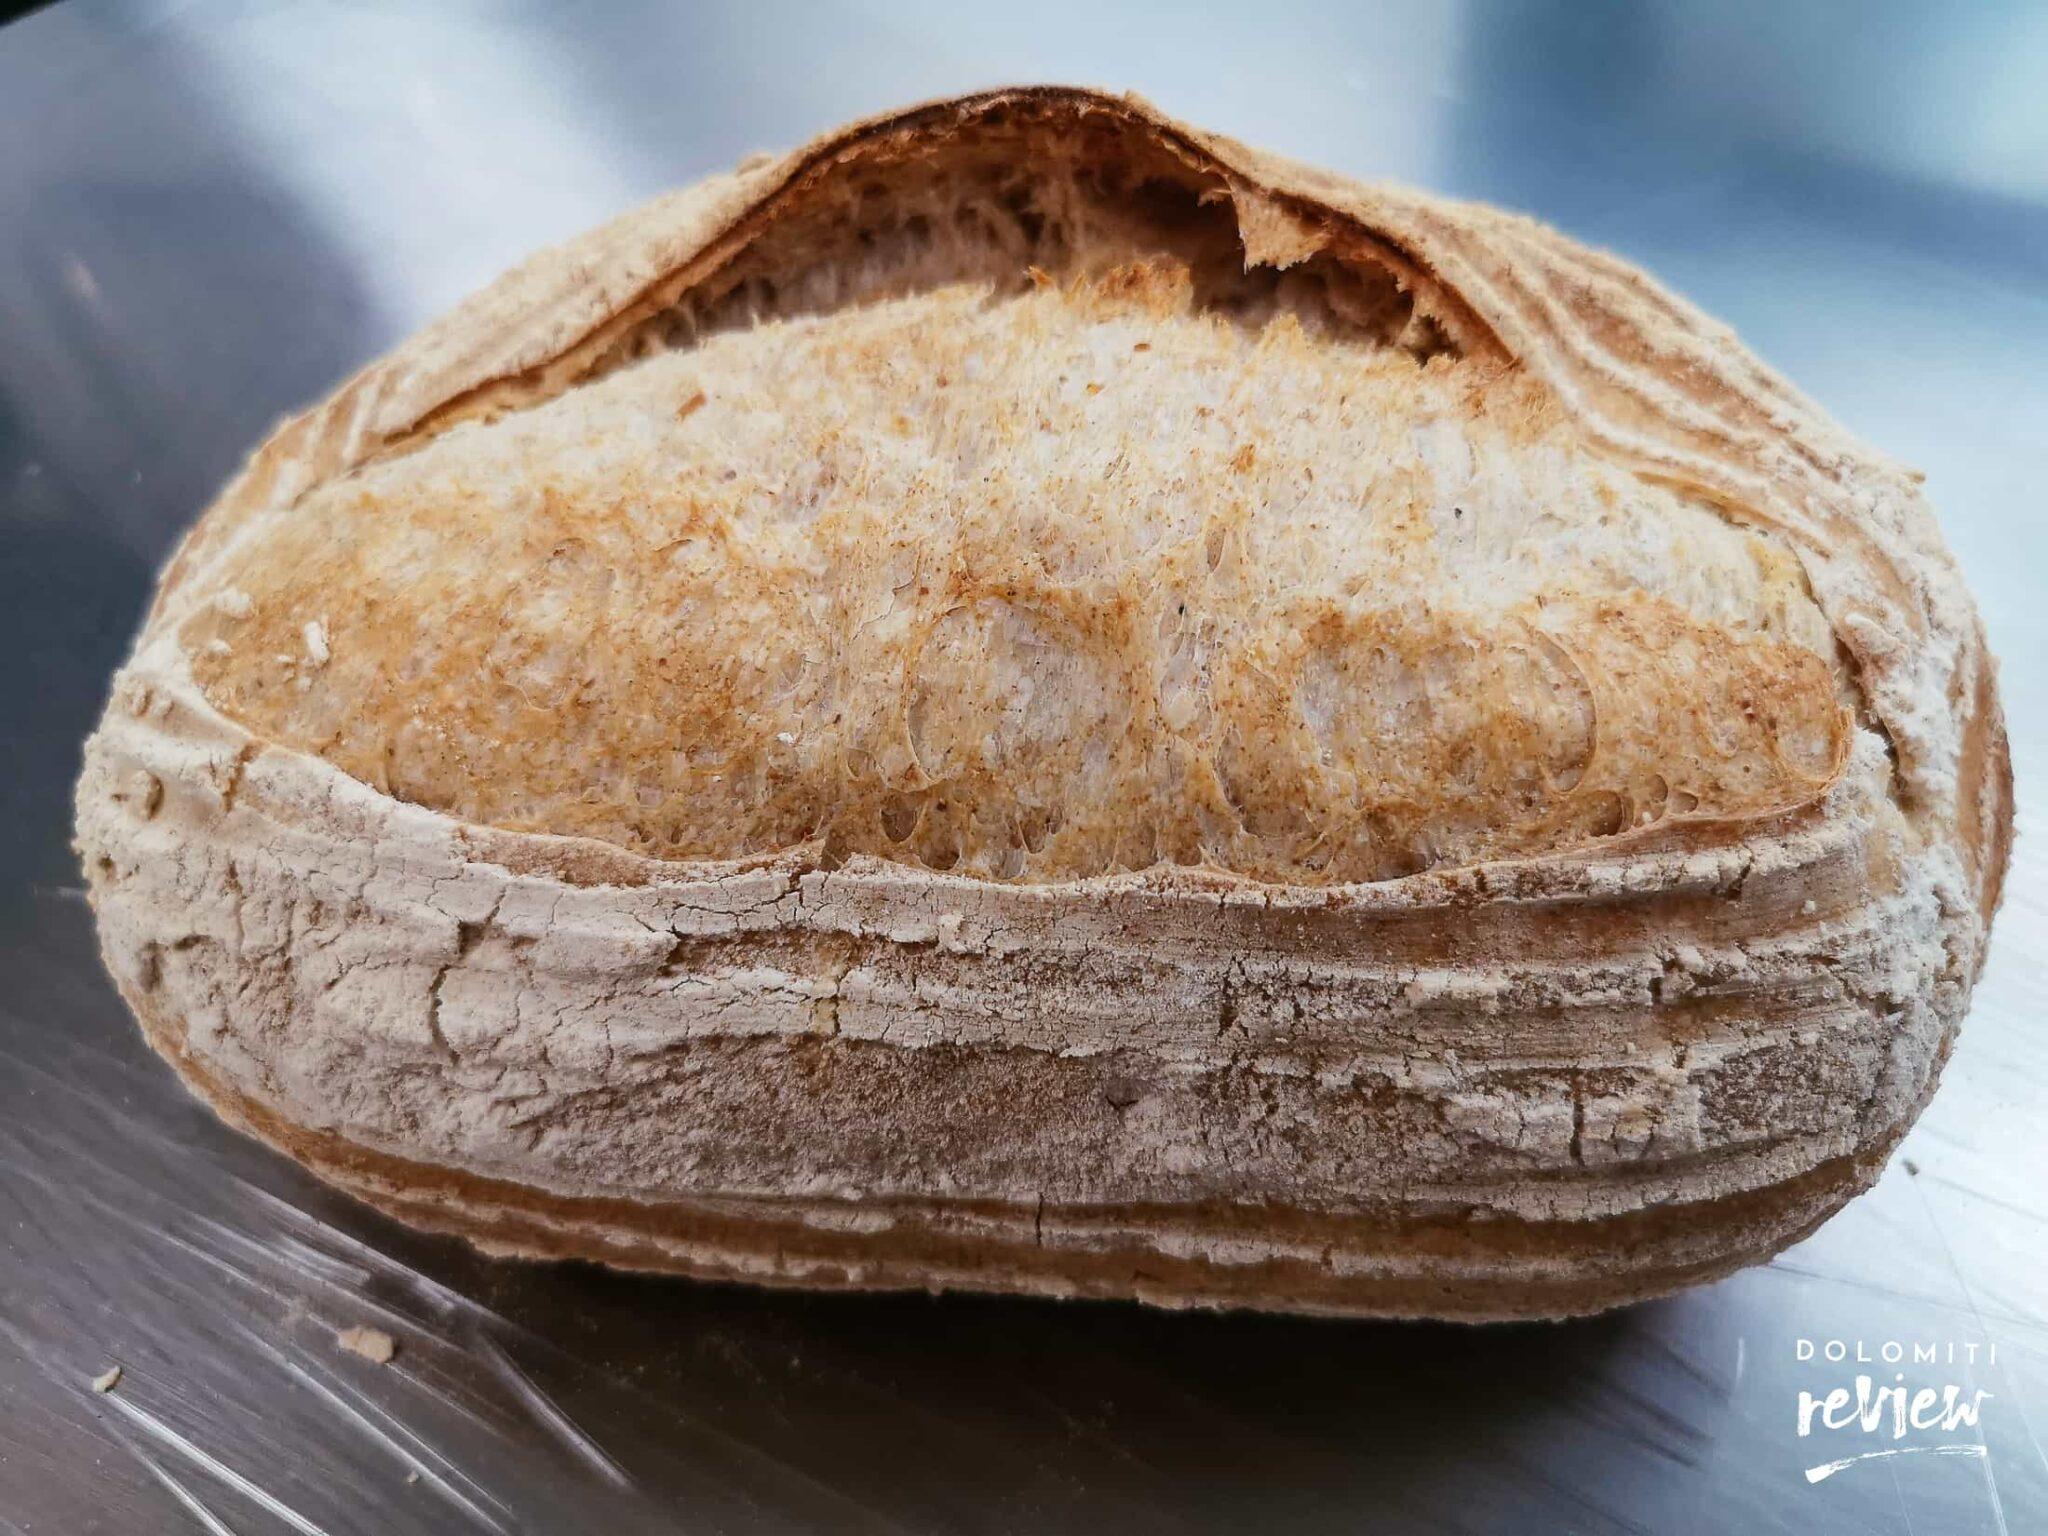 Pane della pizzeria La Fenice